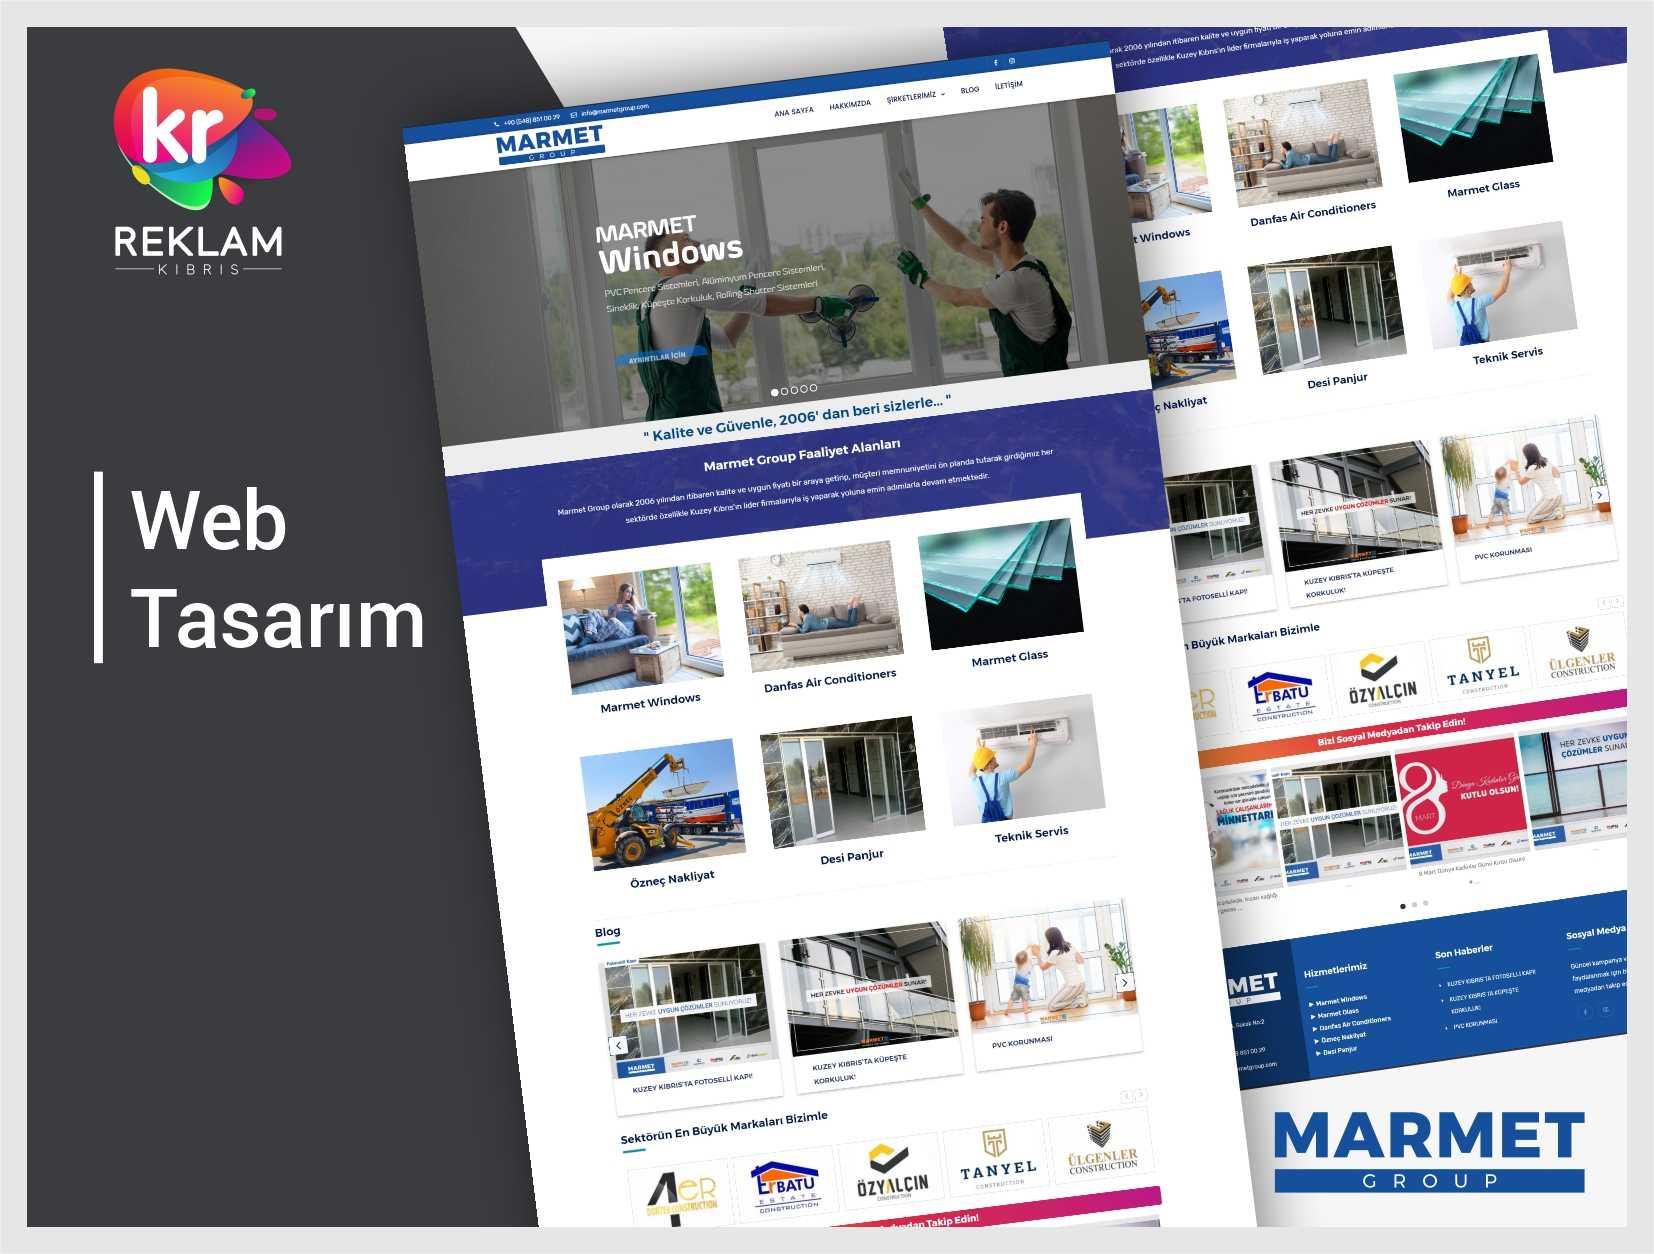 Marmet Group – Web Sitesi